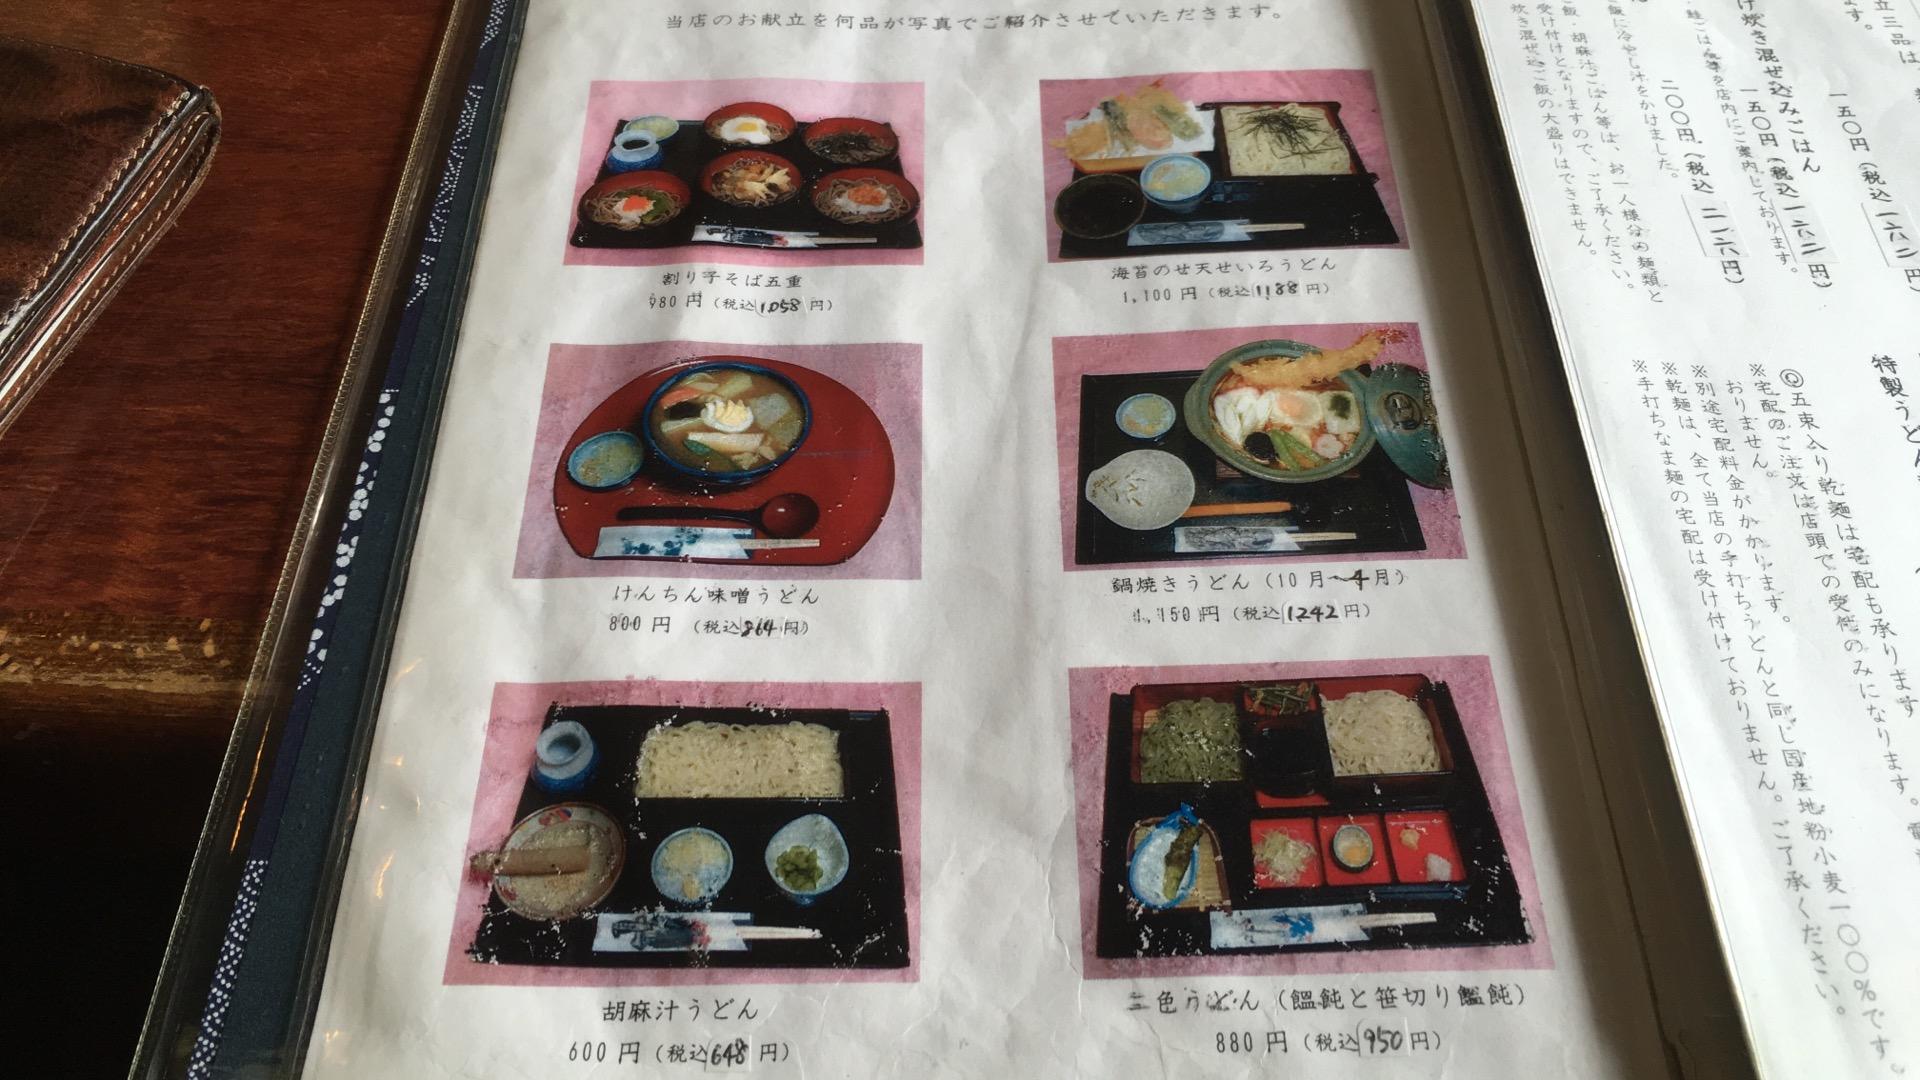 【加須市】加須うどんでおすすめのお店「久下屋脩兵衛」に行ってみた